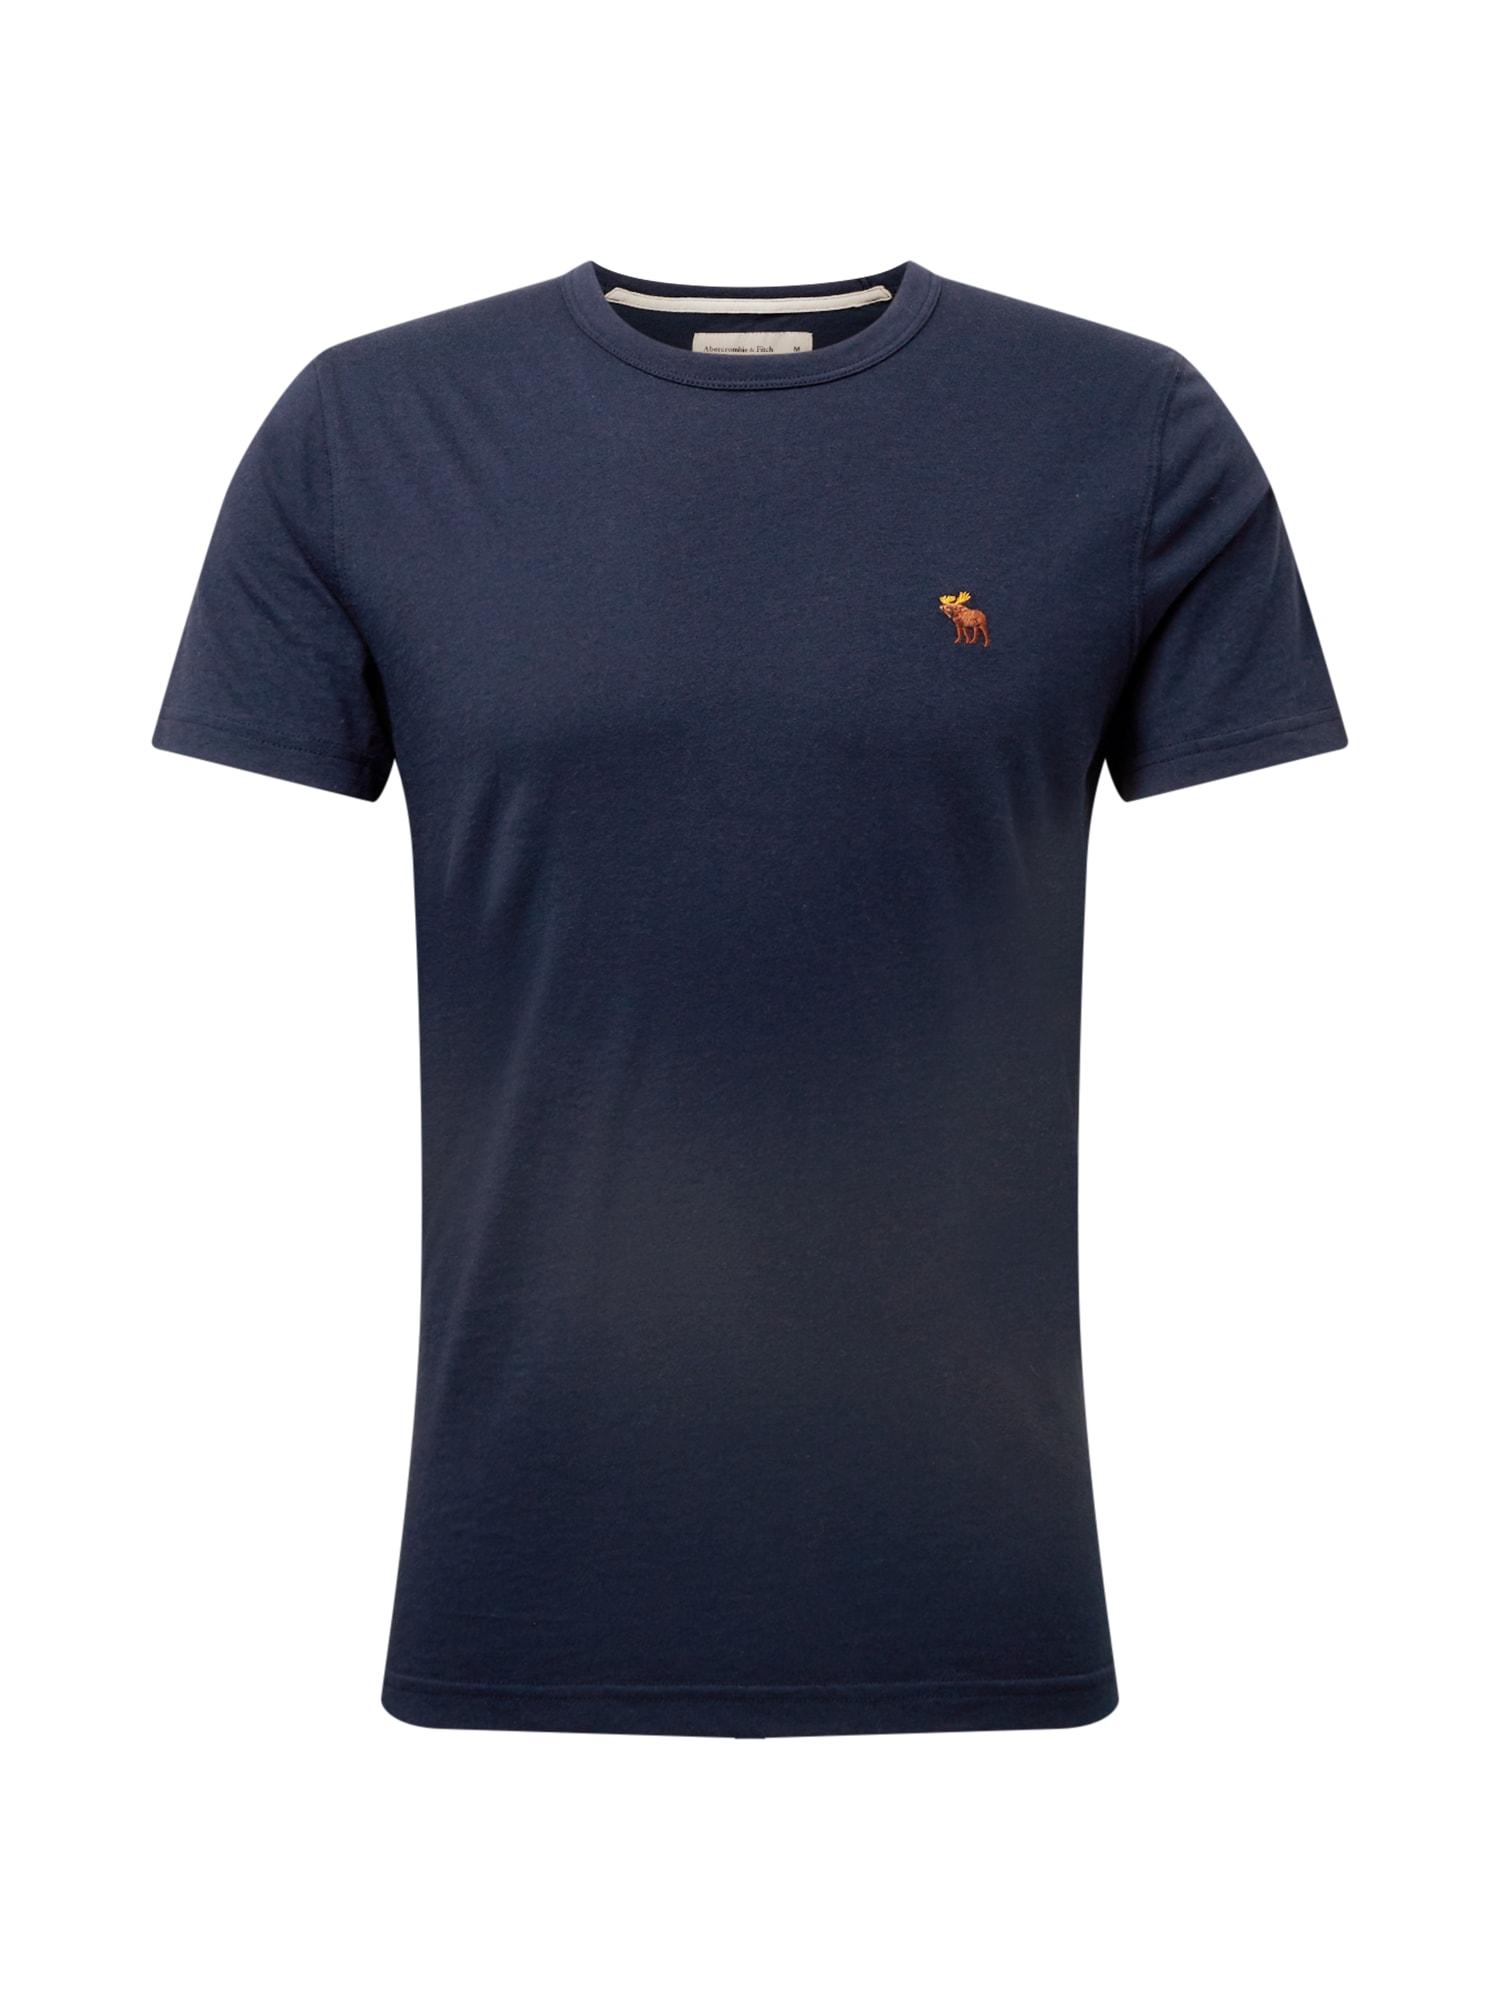 Abercrombie & Fitch Marškinėliai tamsiai mėlyna / rusva / geltona